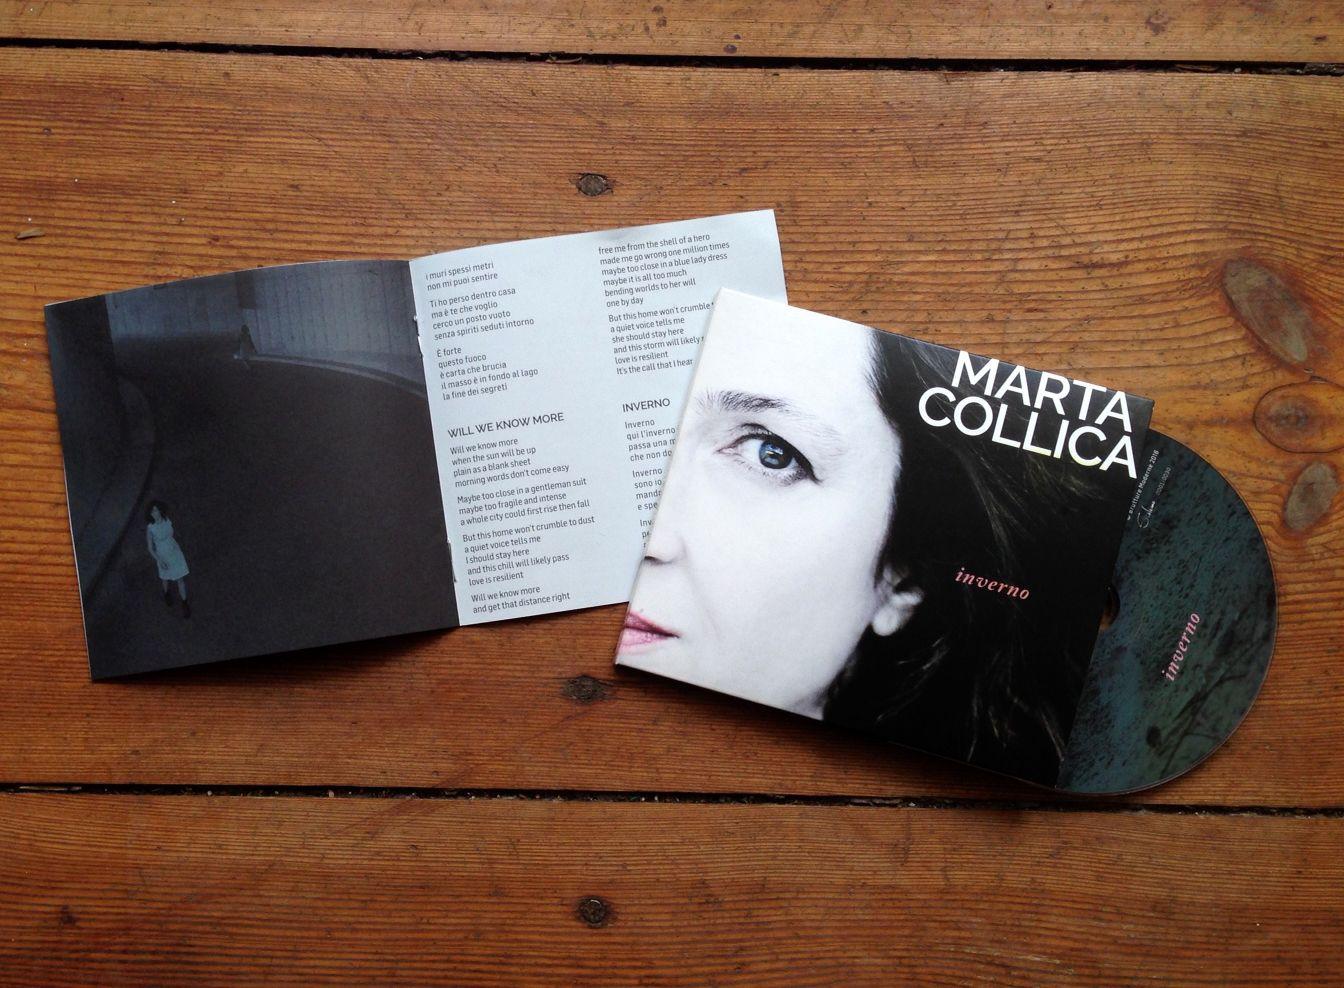 Inverno Digipack Marta Collica